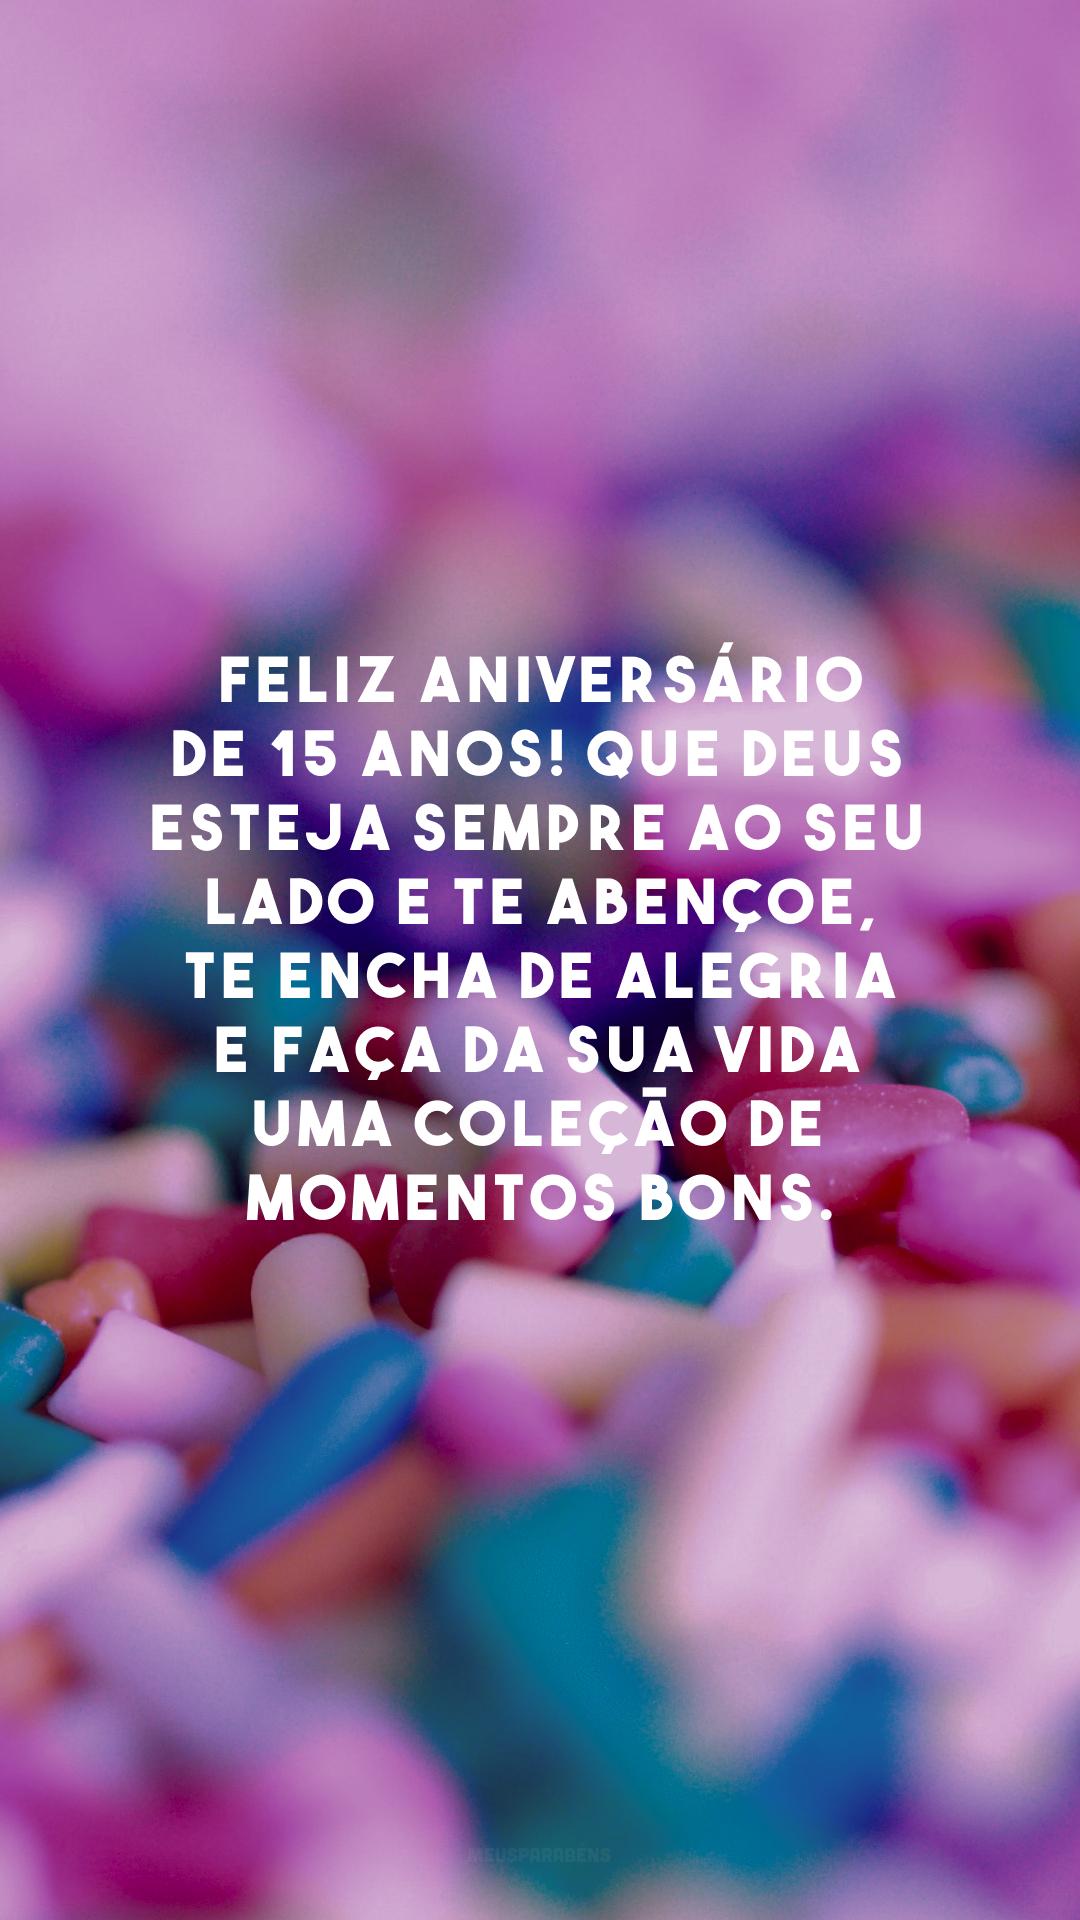 Feliz aniversário de 15 anos! Que Deus esteja sempre ao seu lado e te abençoe, te encha de alegria e faça da sua vida uma coleção de momentos bons.